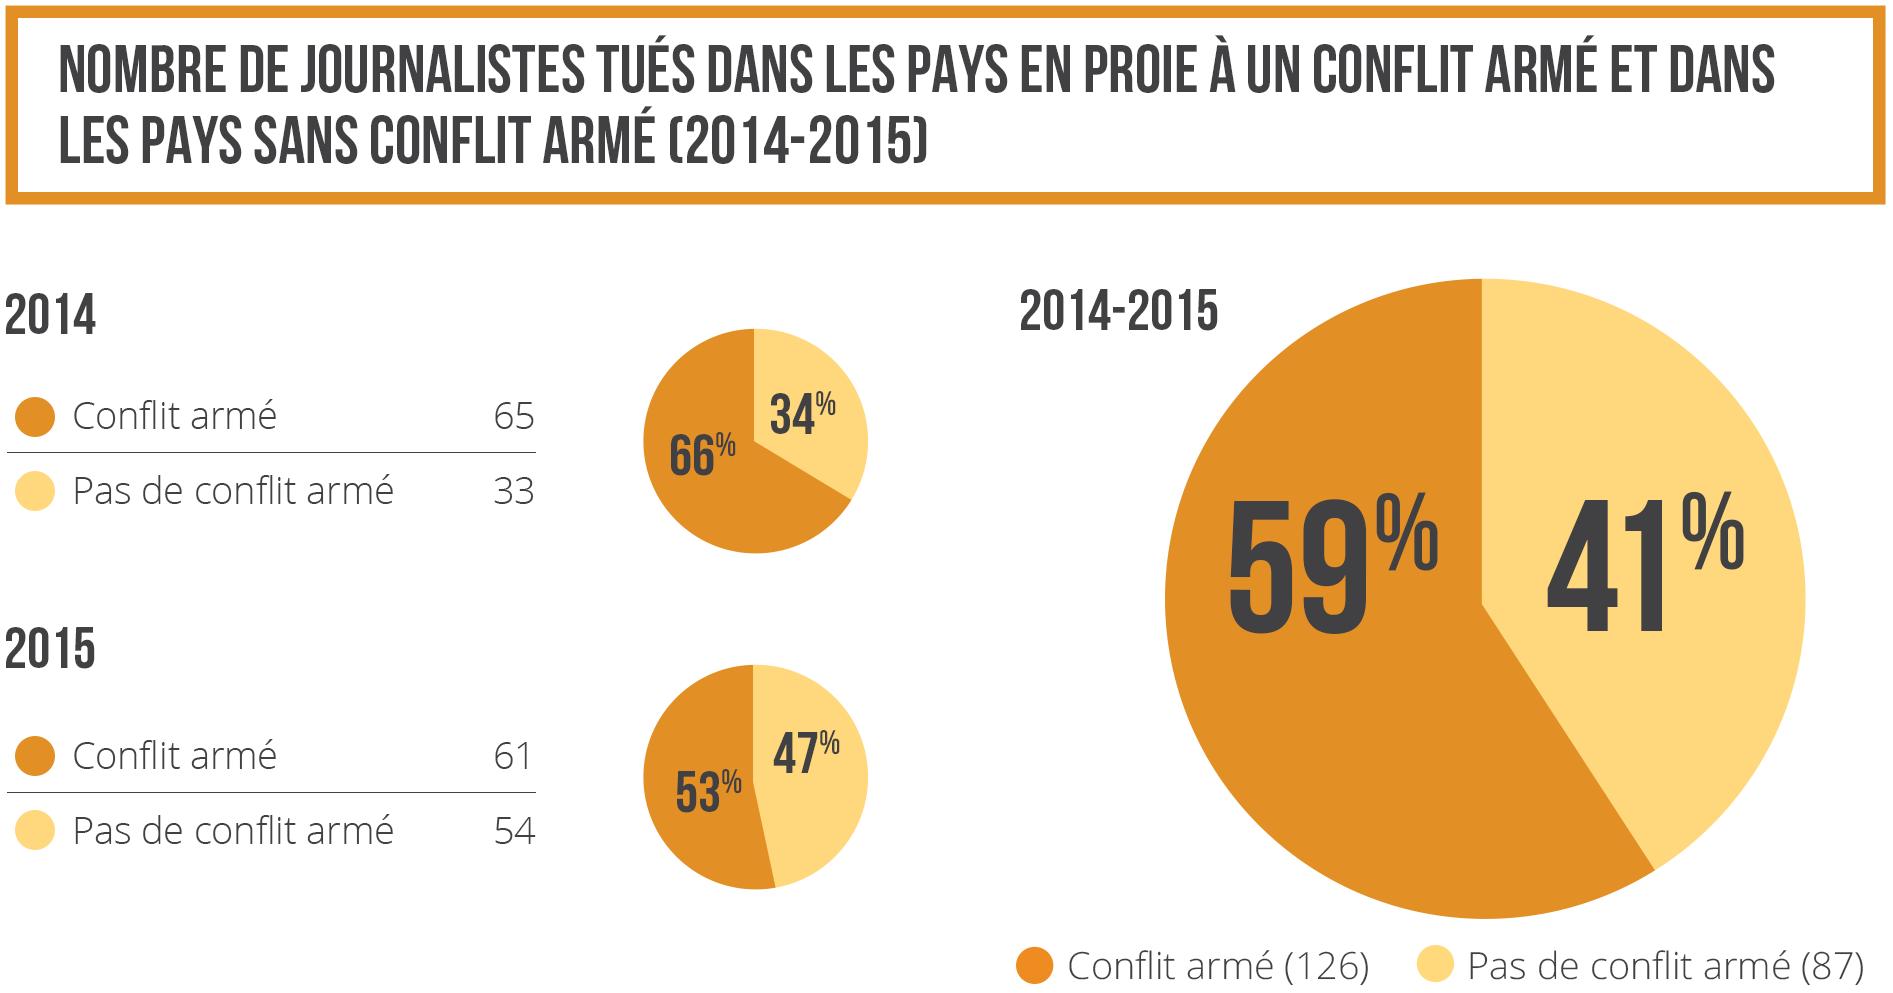 Nombre de journalistes tués dans les pays en proie à un conflit armé et dans les pays sans conflit armé 2014-2015